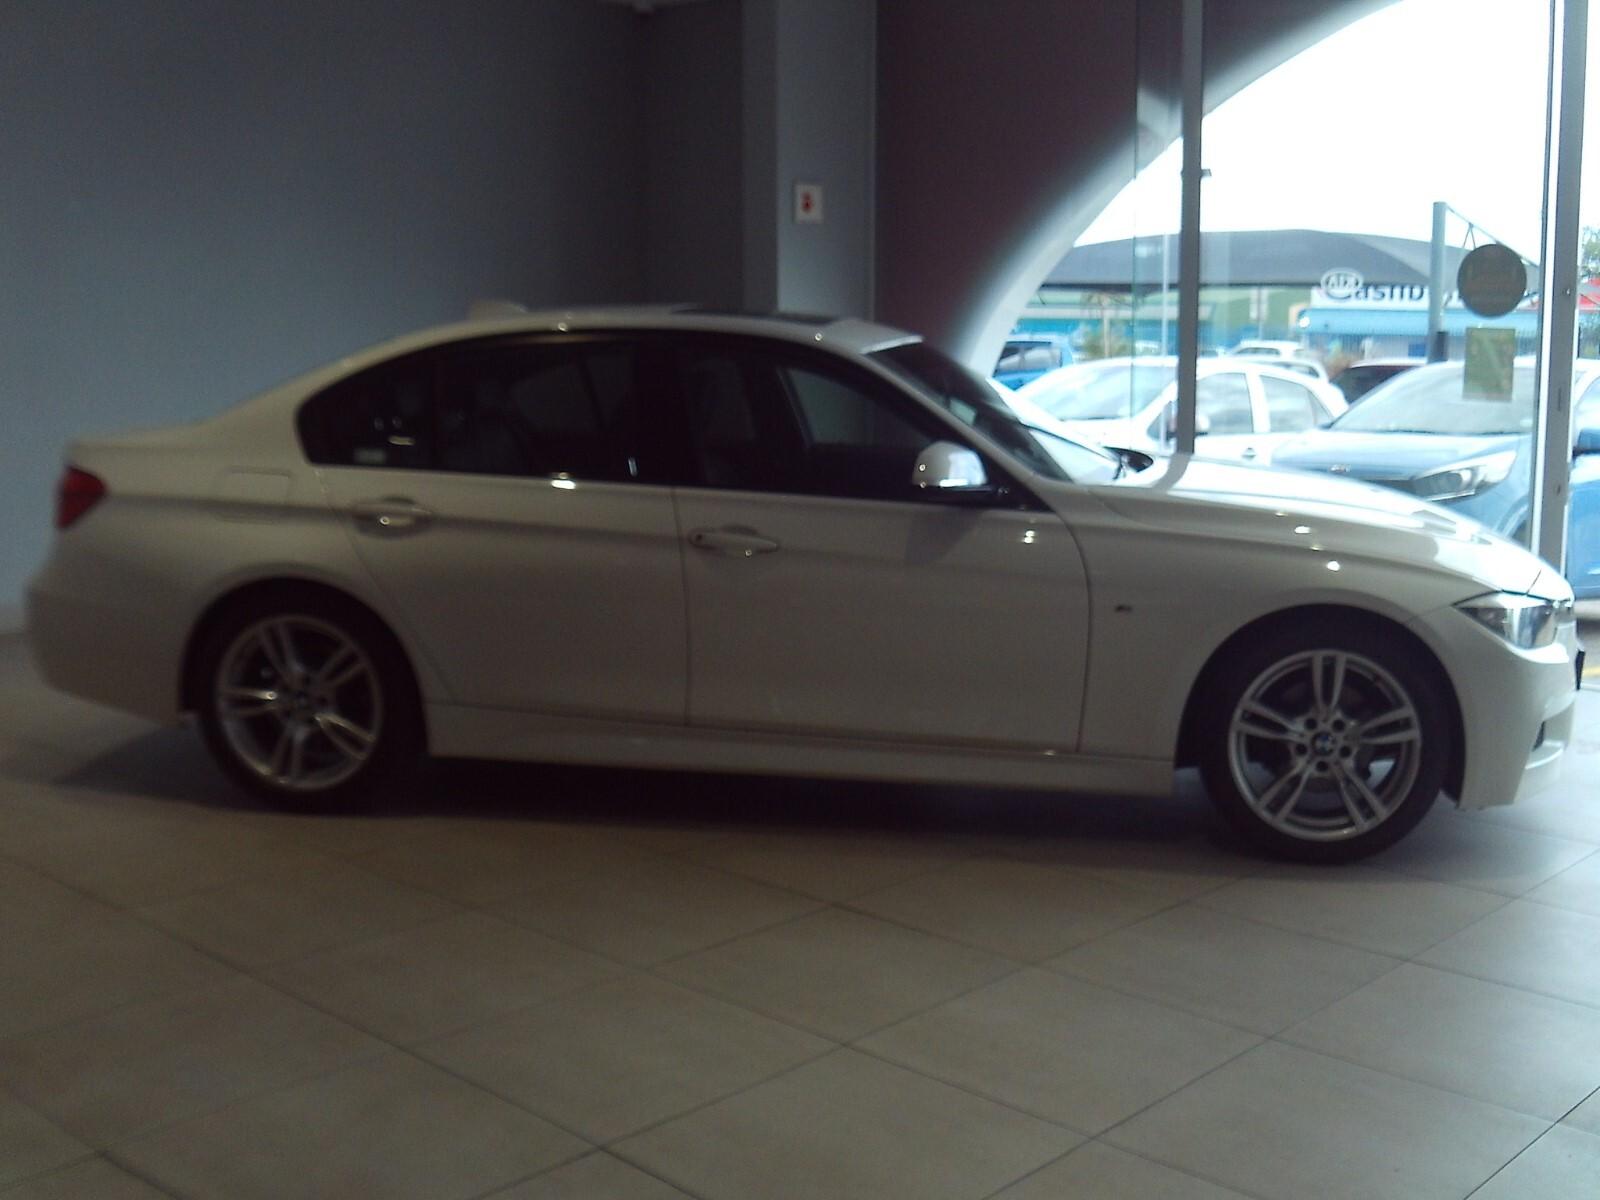 BMW 318i M SPORT A/T (F30) Roodepoort 1335162